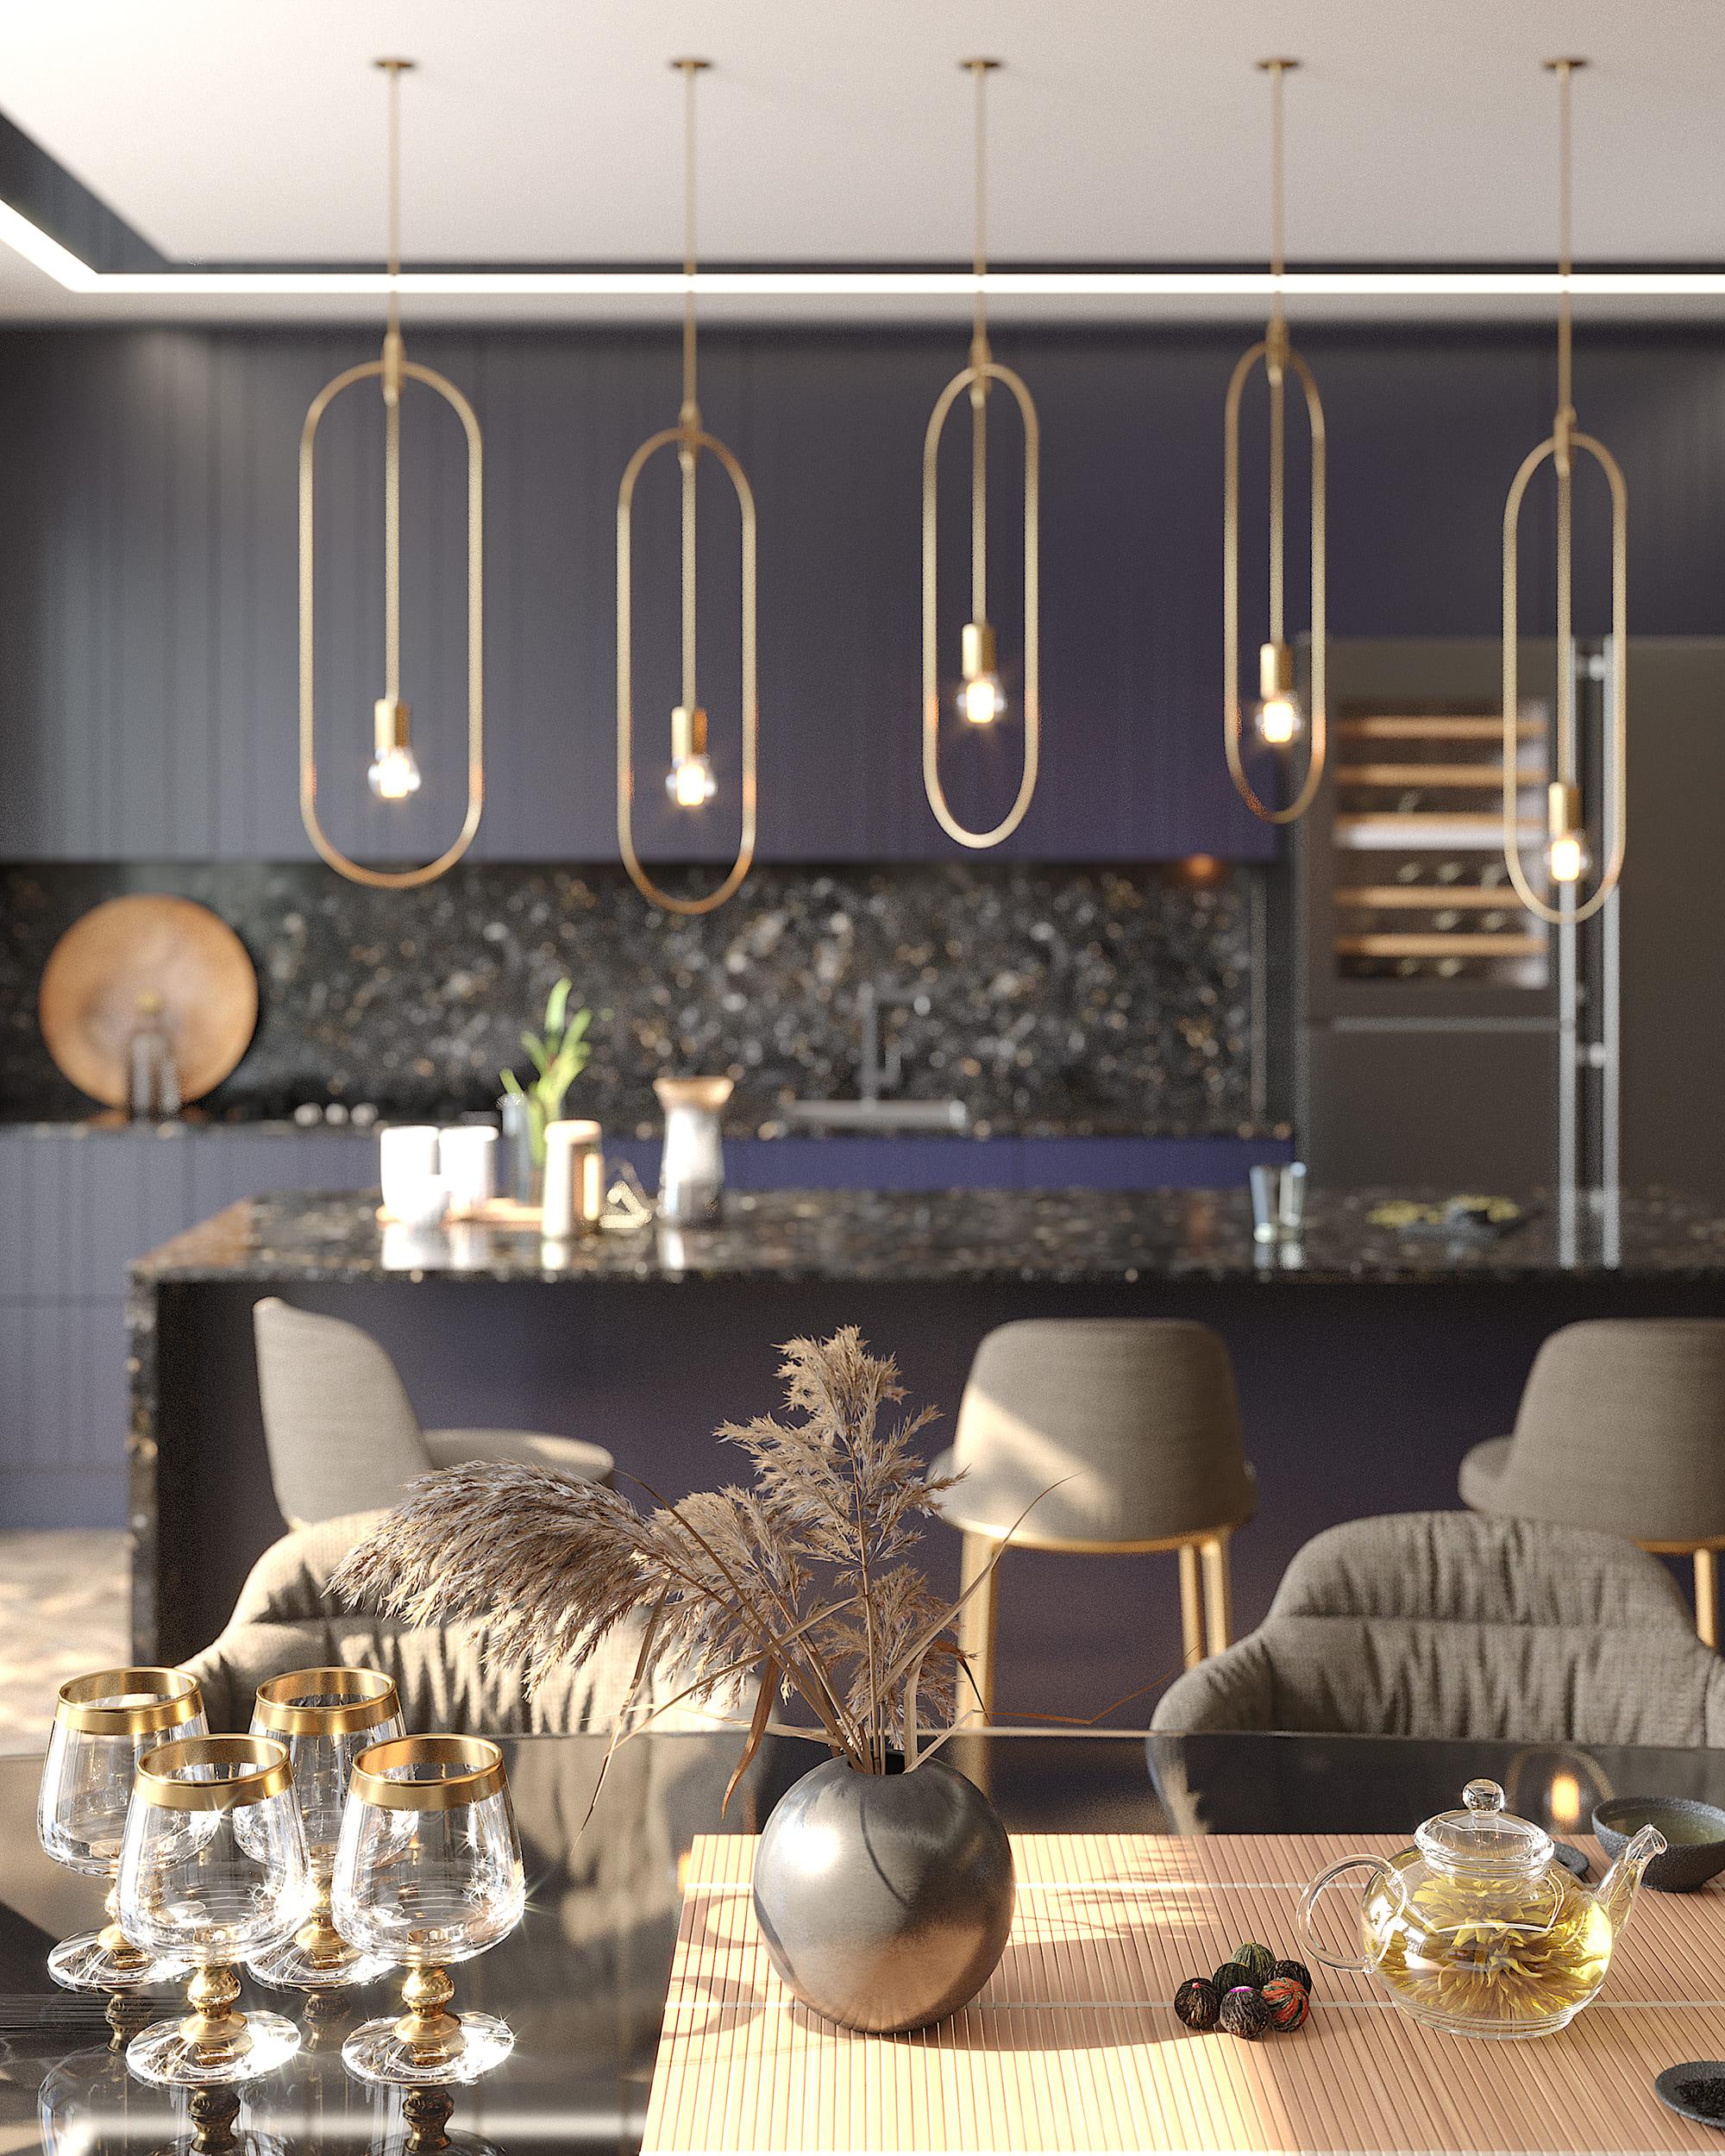 Кухня Interium Модерн.139 - темная цветовая гамма